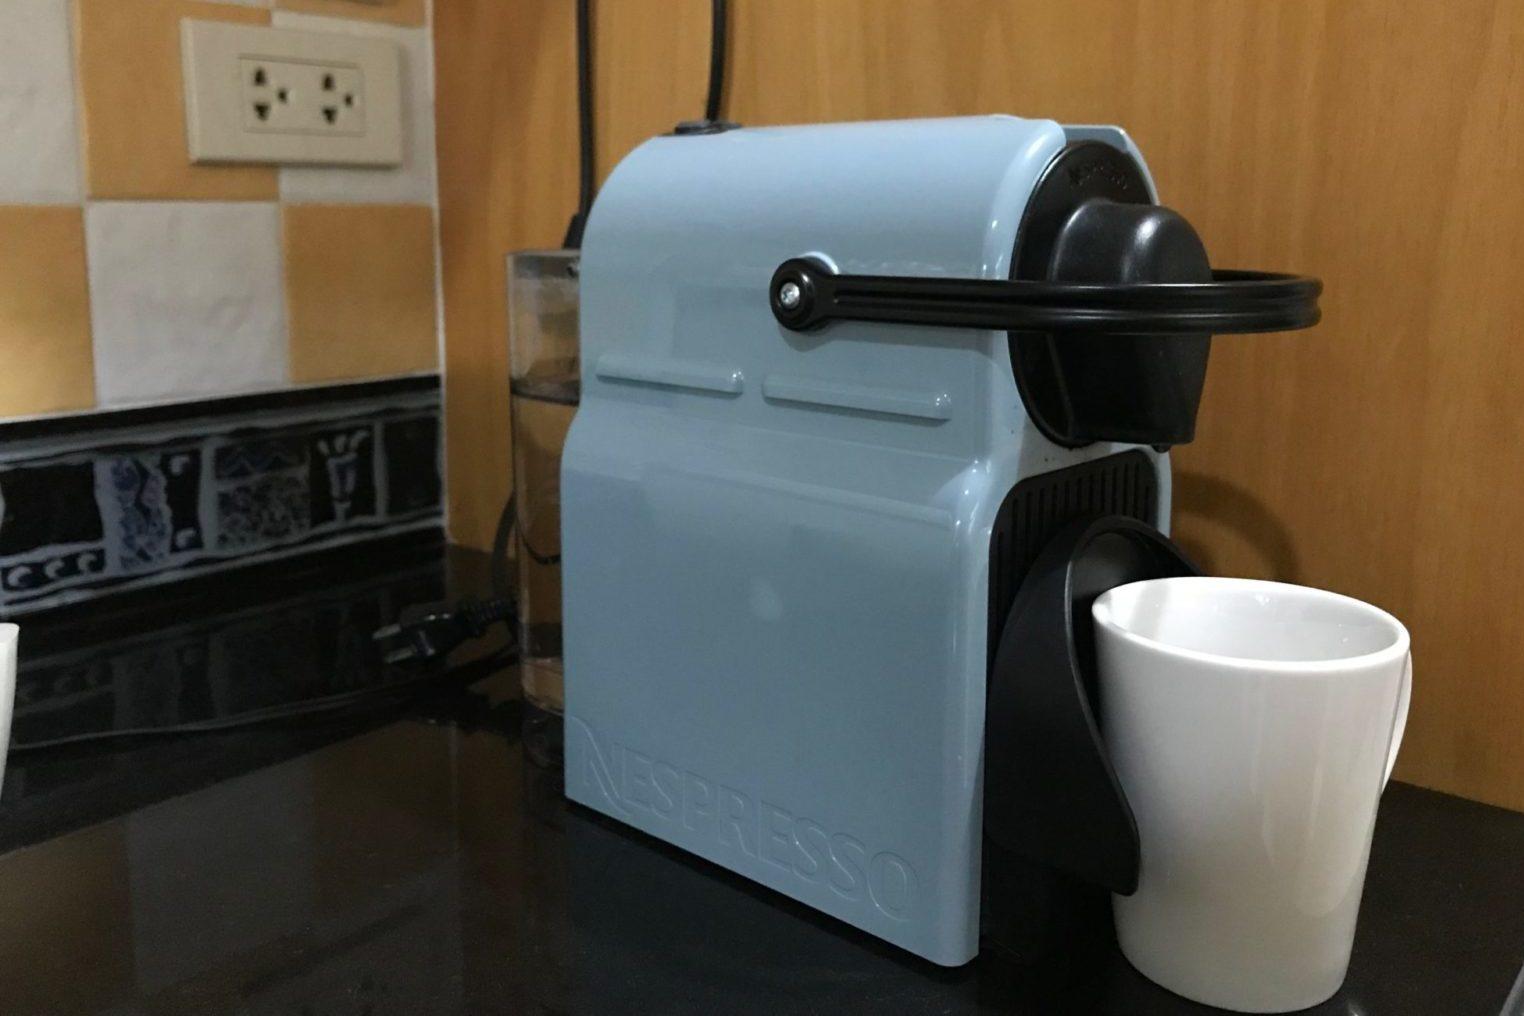 เครื่องชงกาแฟ Nespresso รุ่นไหนดีและคุ้มค่าที่สุด